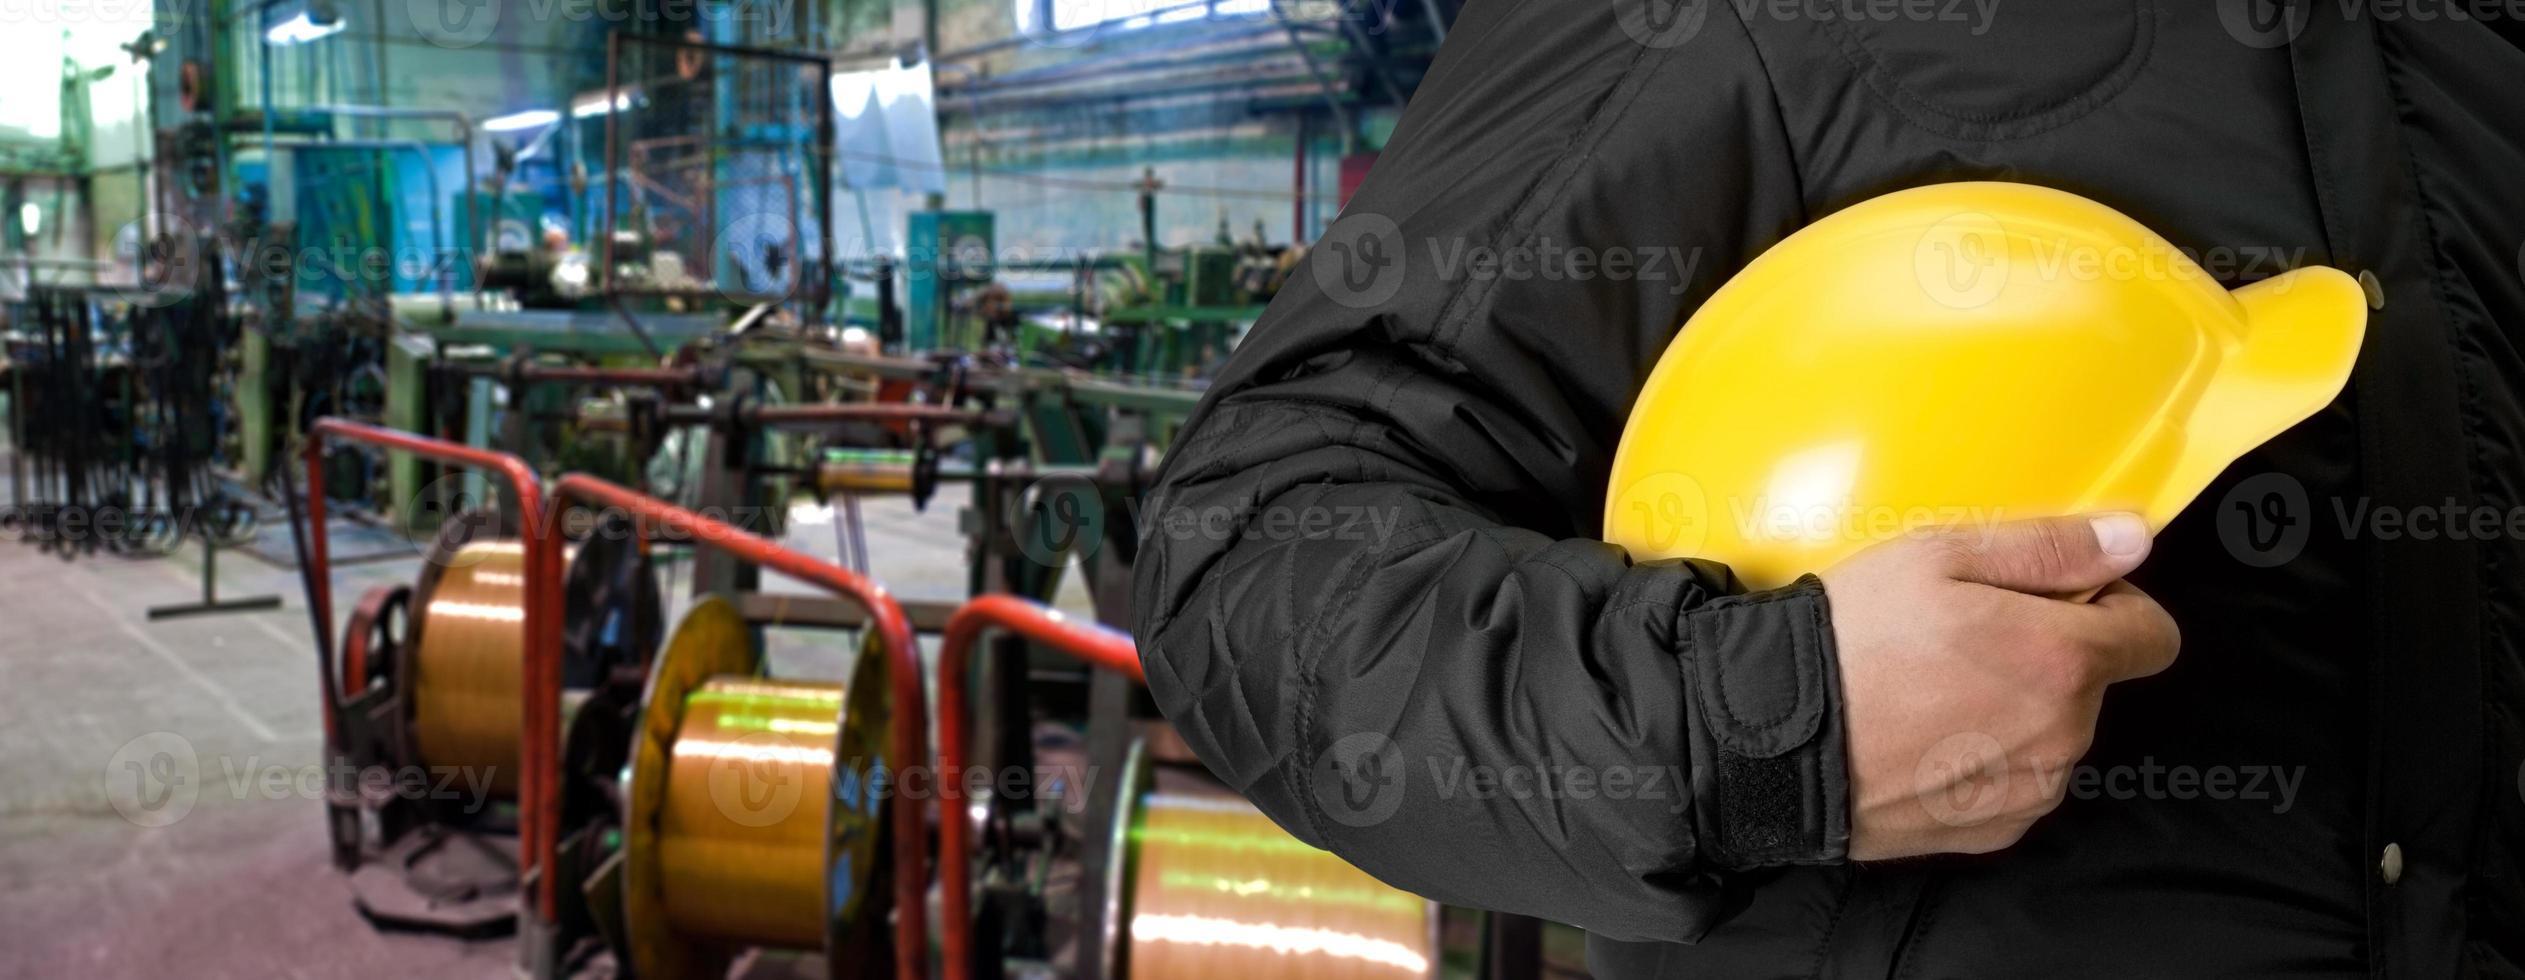 travailleur avec casque de sécurité photo